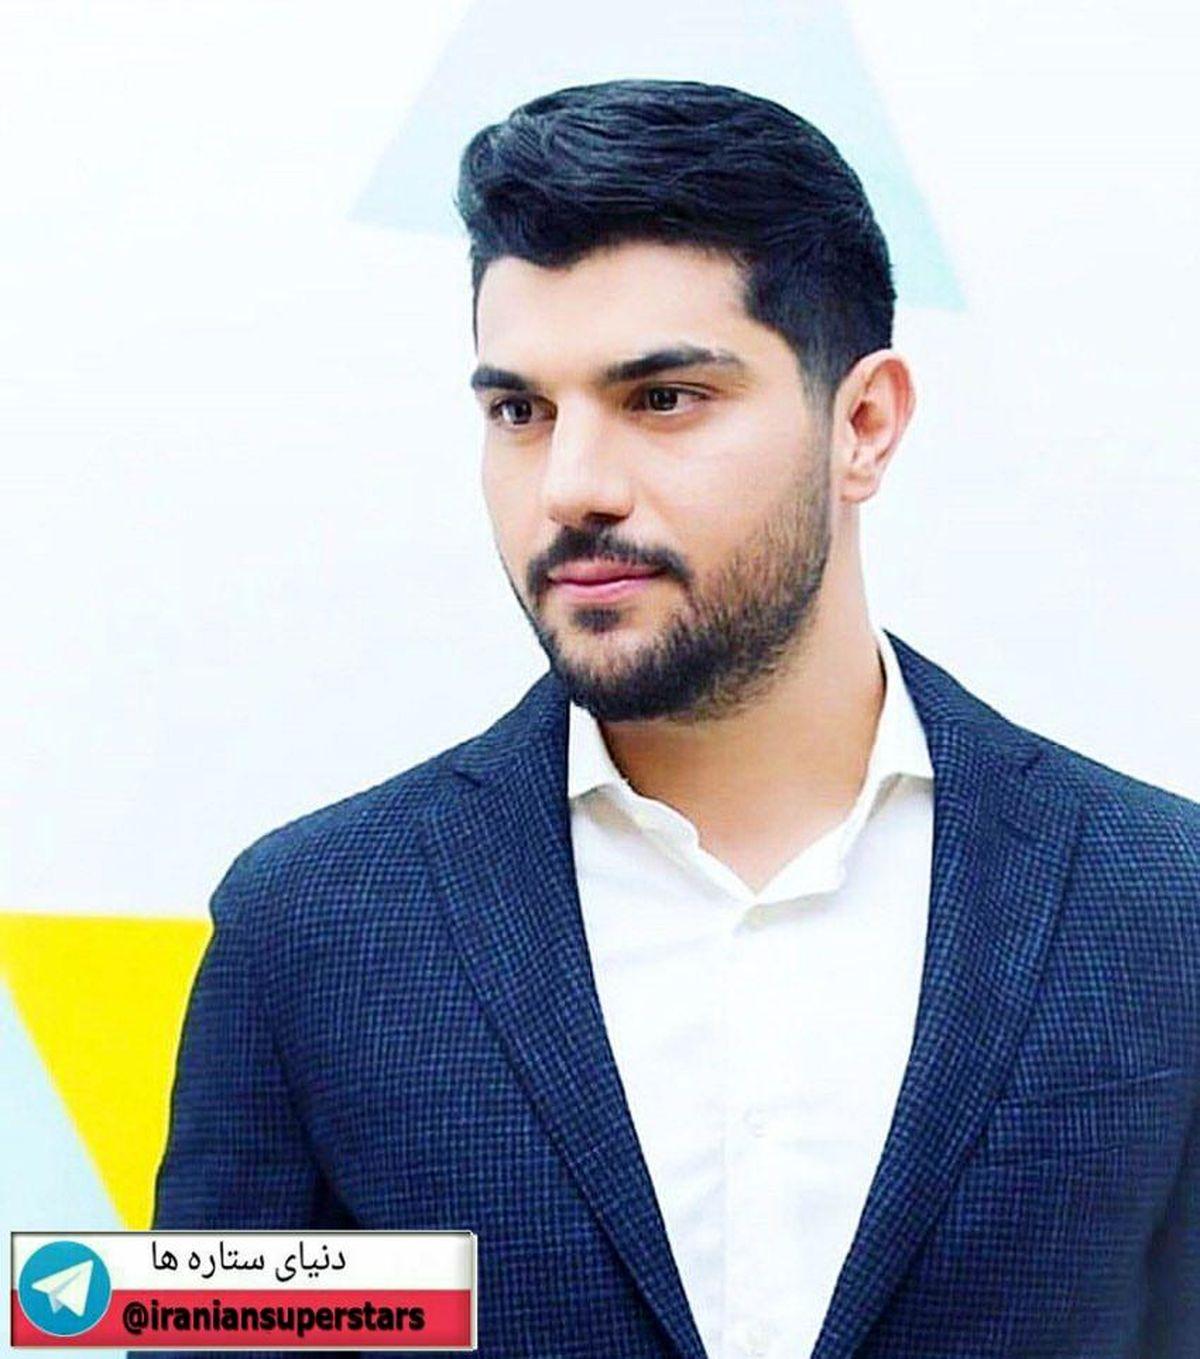 """استایل مردانه حامد محبوب سریال """"پدر""""+عکس"""